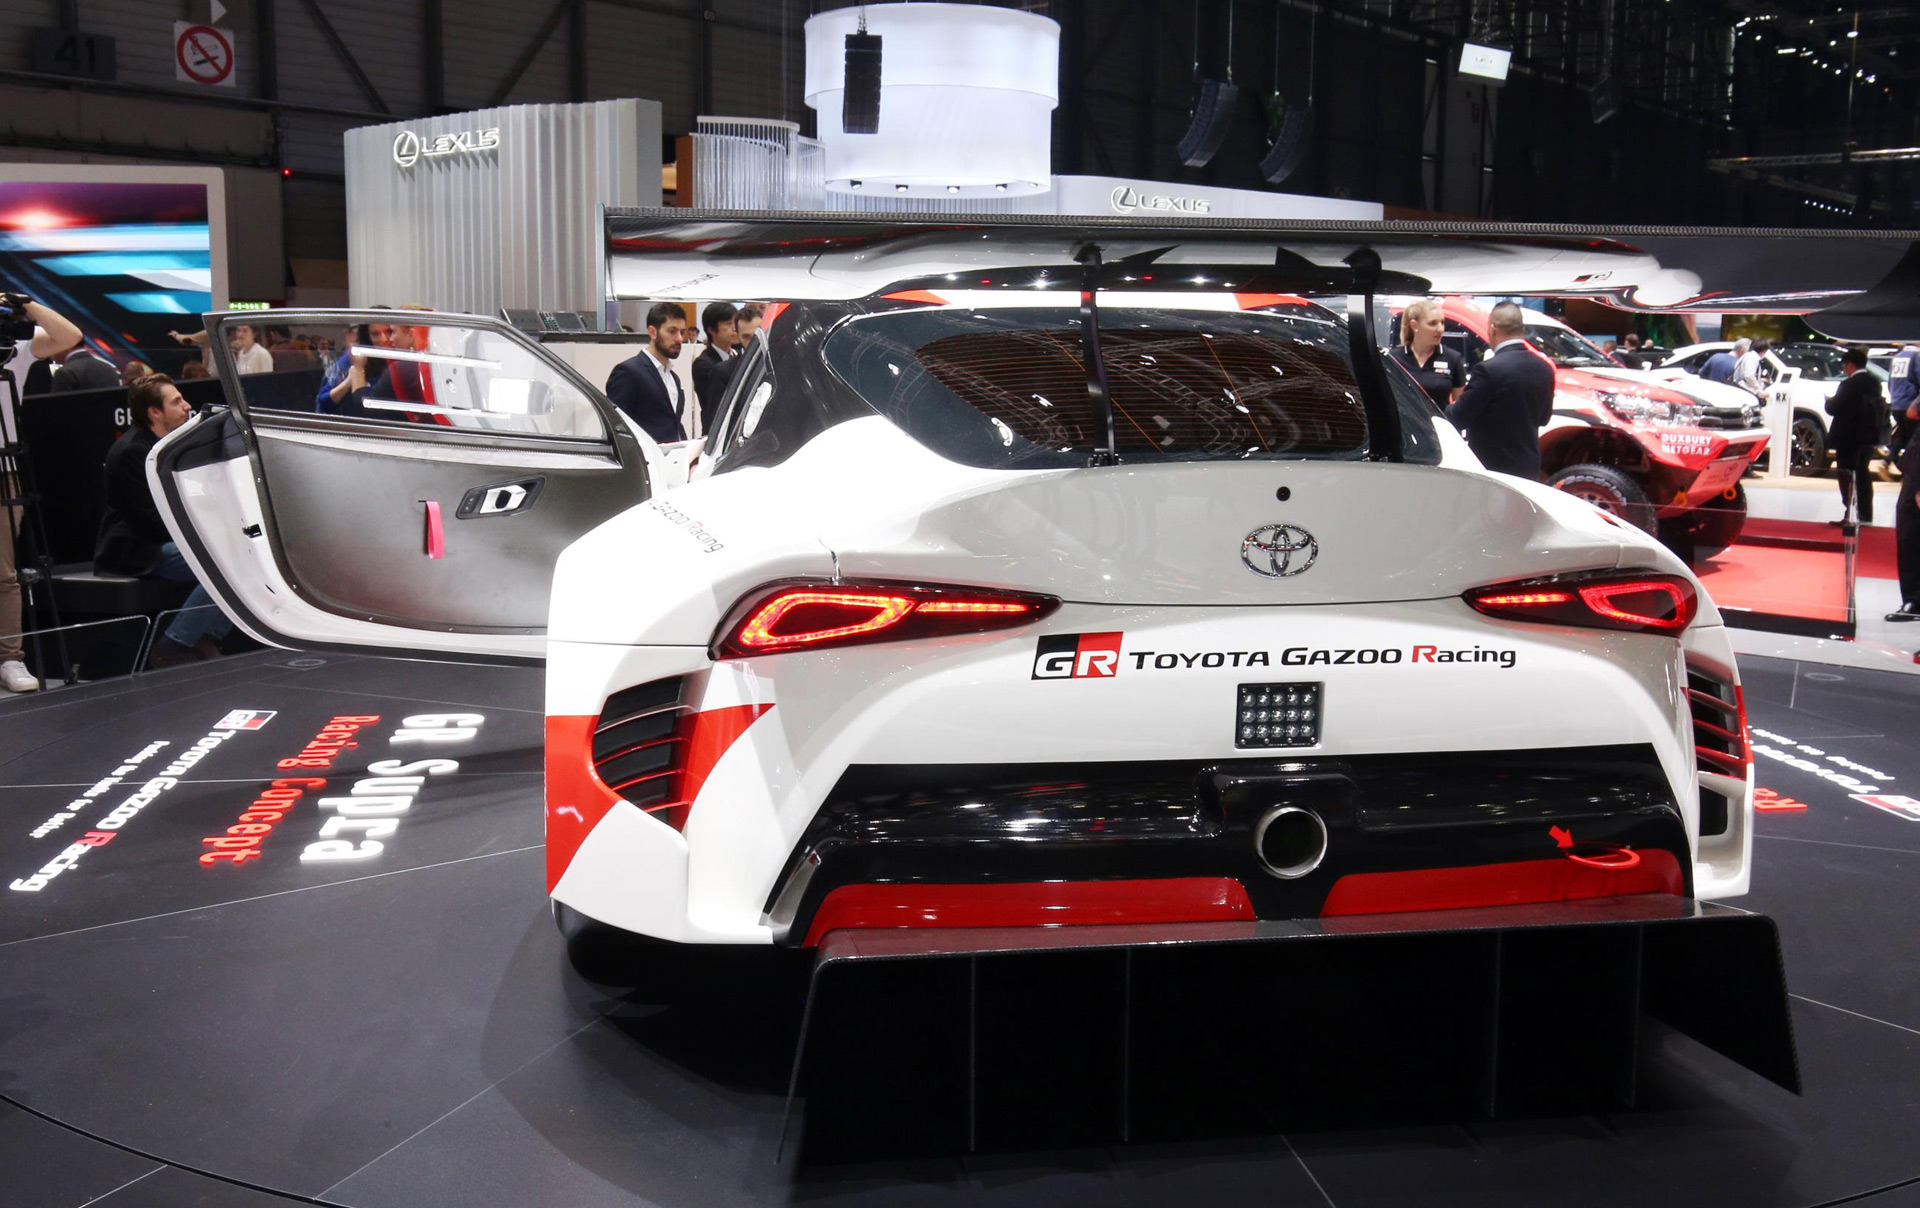 2019 toyota supra, 2019 mercedes-amg gt 4-door coupe, 2019 bentley